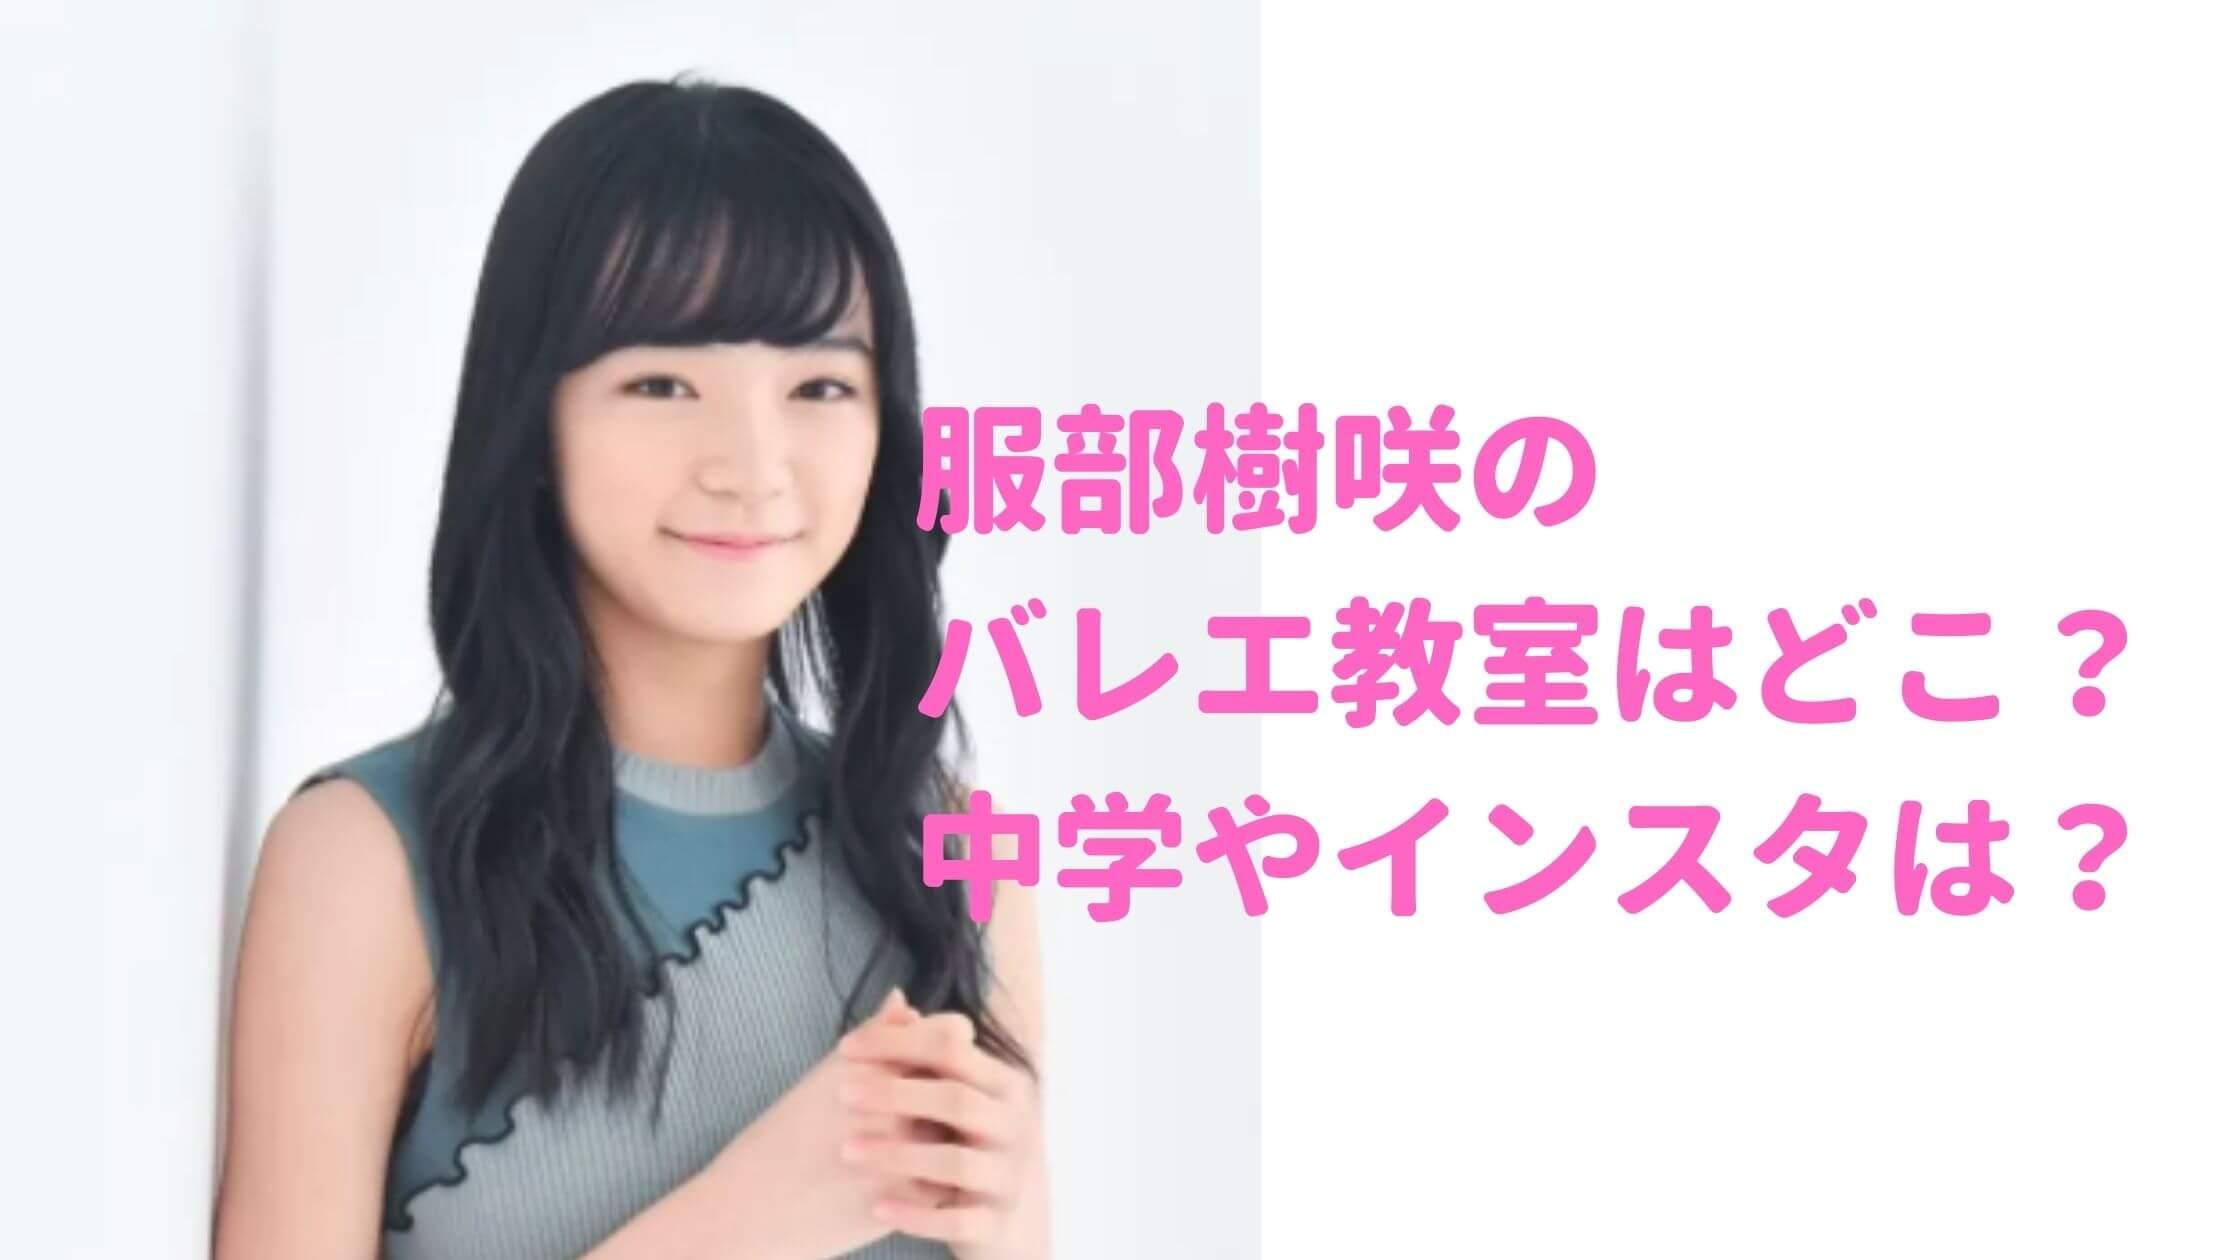 服部樹咲 バレエ教室 受賞歴 インスタ 中学